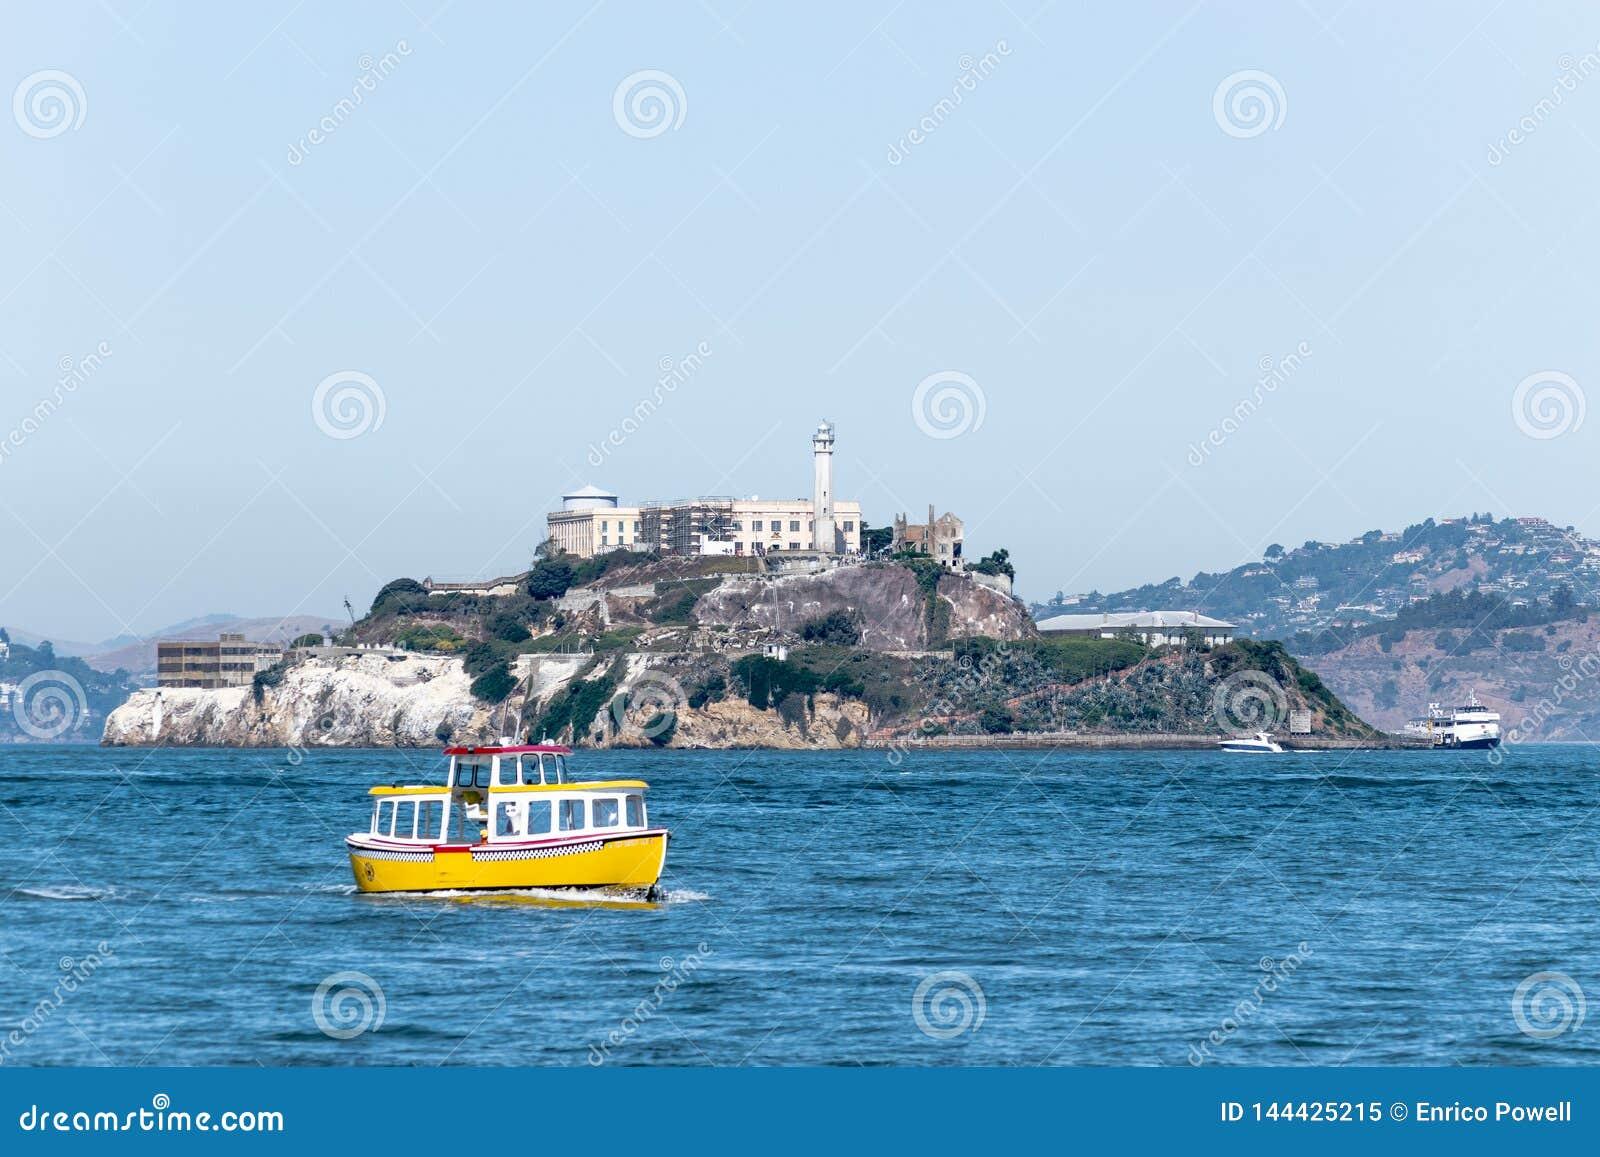 De veerboten die van reisboten het beroemde Gevangeniseiland Alcatraz omringen